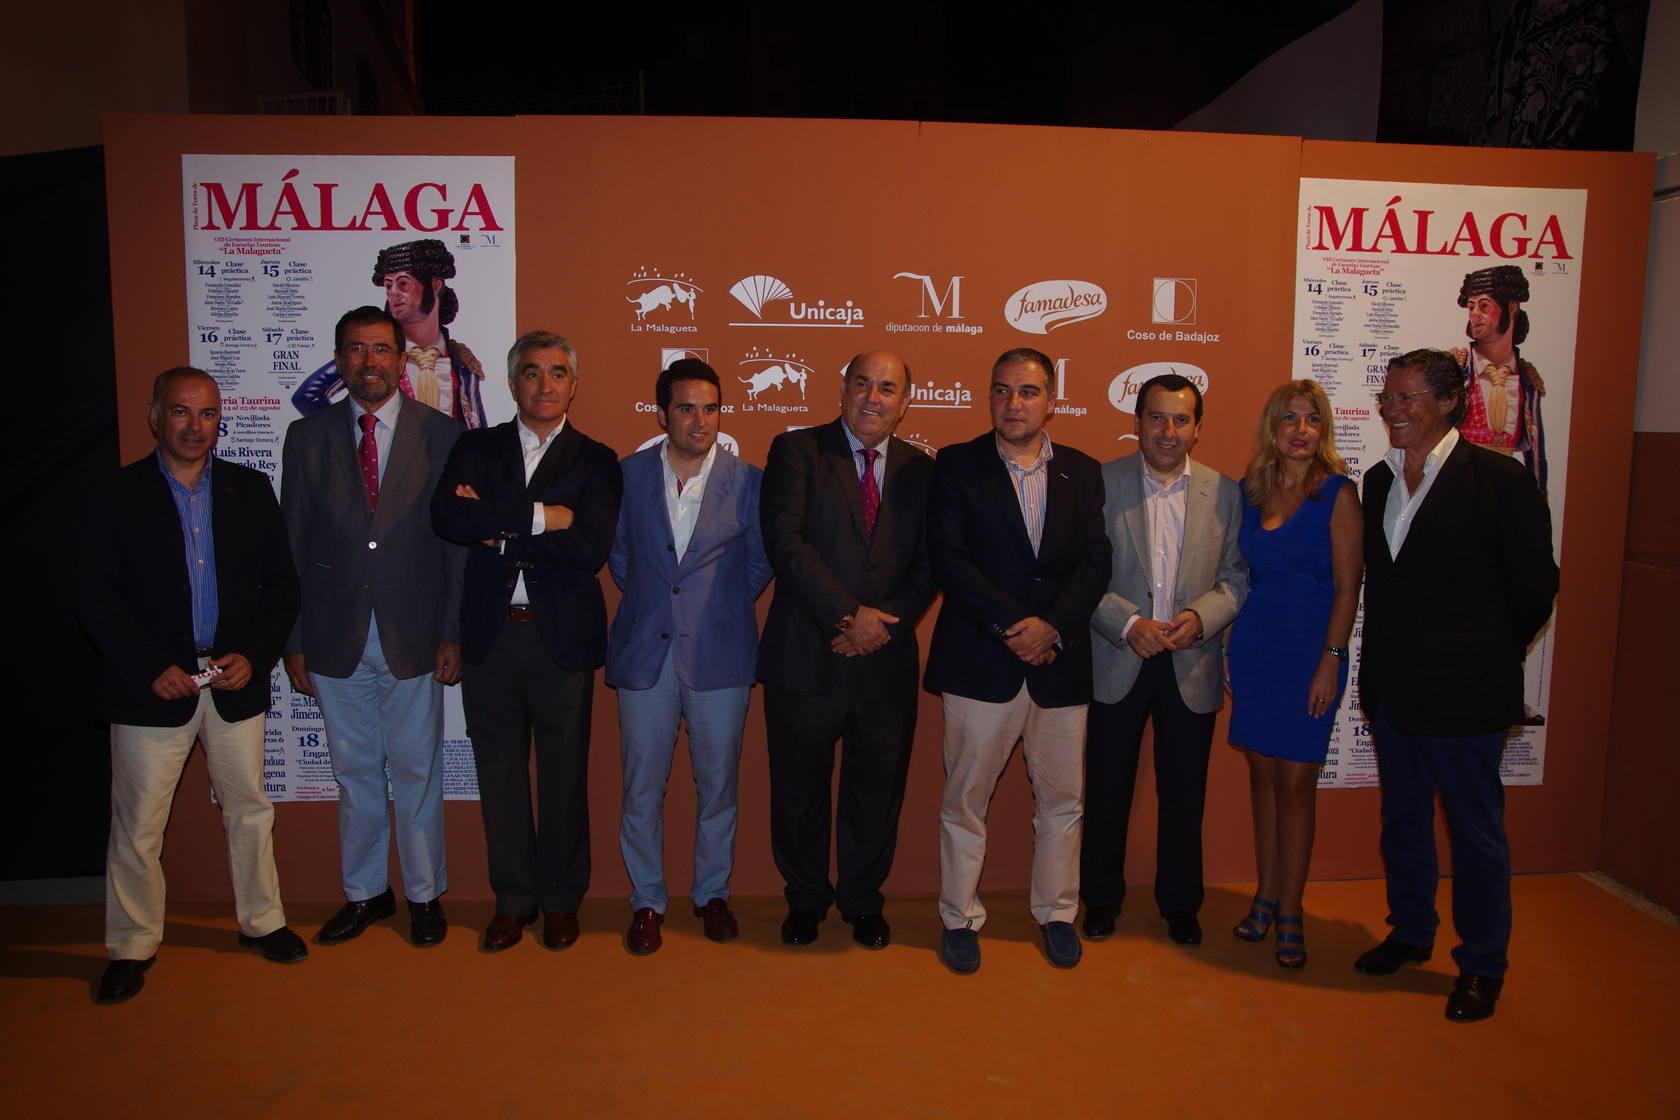 Las mejores imágenes de la semana en Málaga (8-12 de julio)